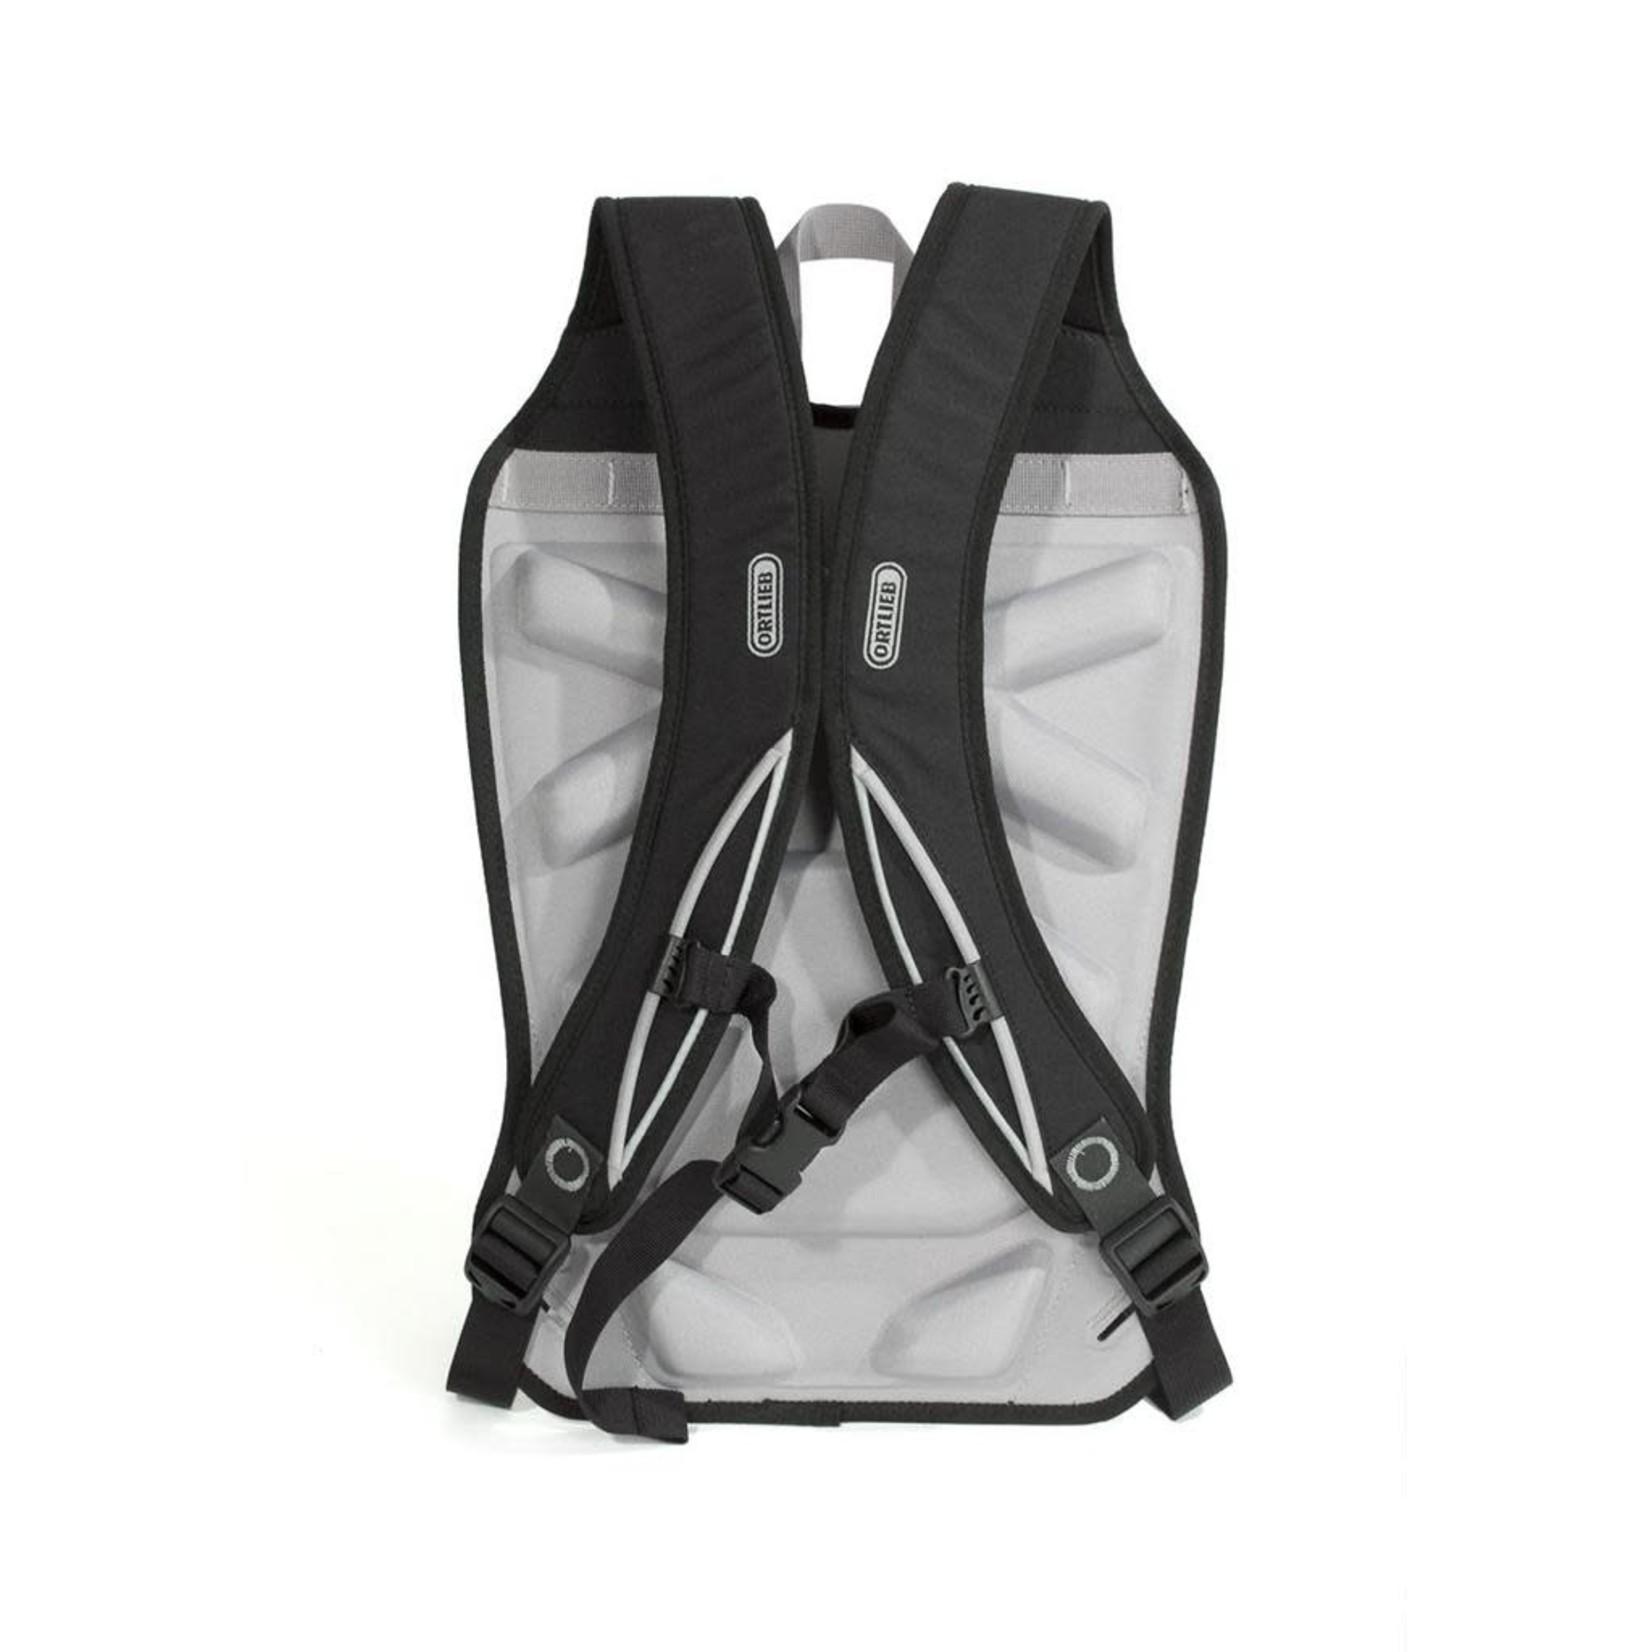 Ortlieb Ortlieb Pannier/Backpack Adapter